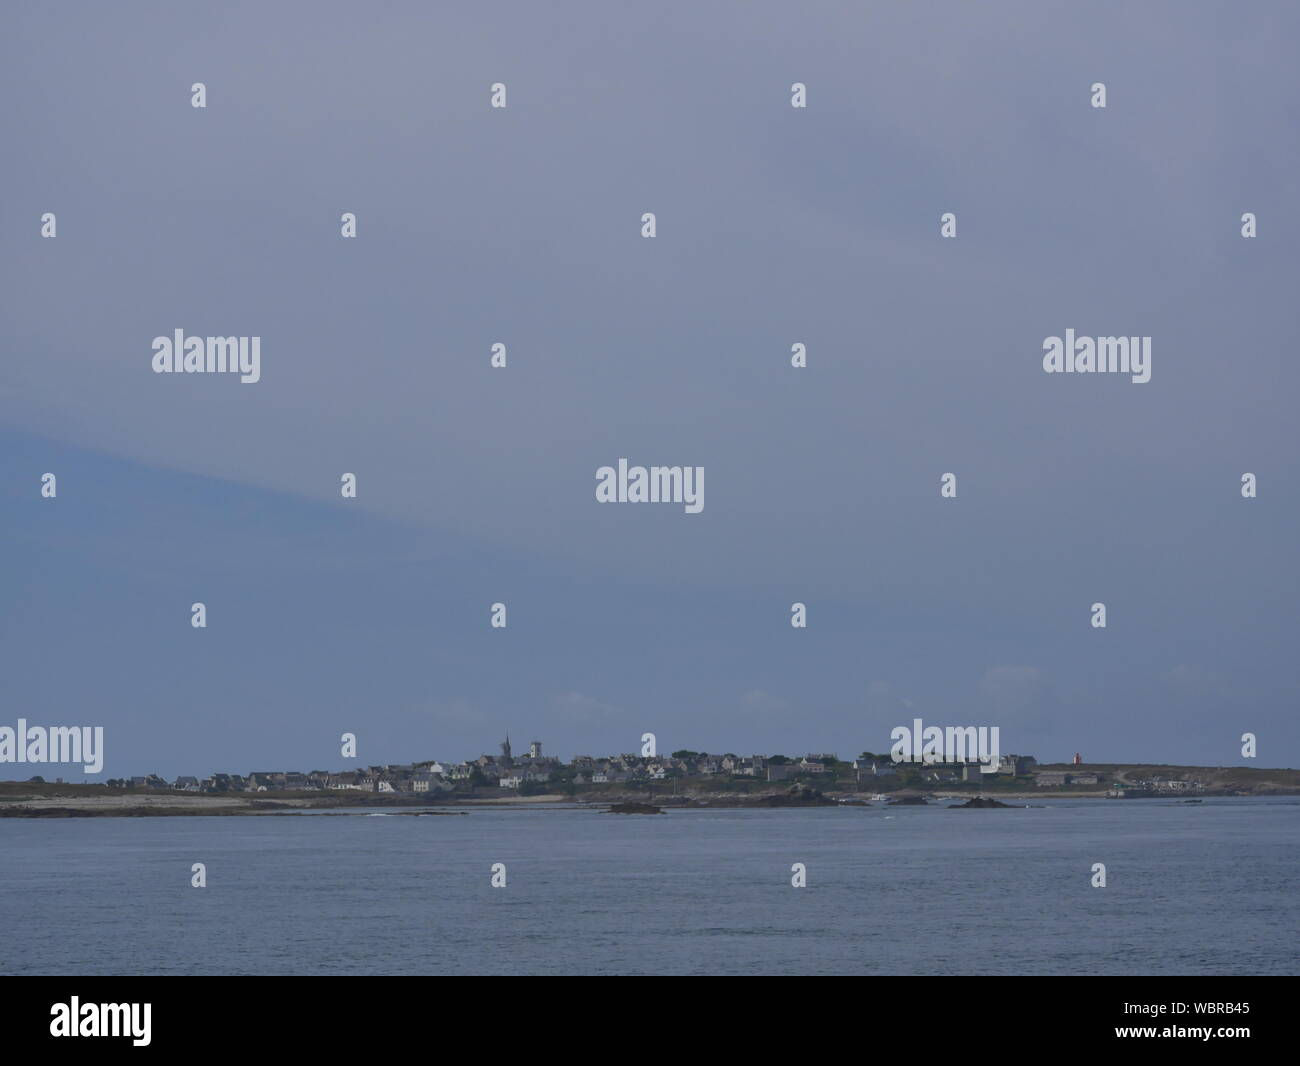 l'île de molène et son merveilleux port et ses bateaux multicolors et ses quais en granit et un banc bleu et blanc et l'île prise depuis le large Stock Photo